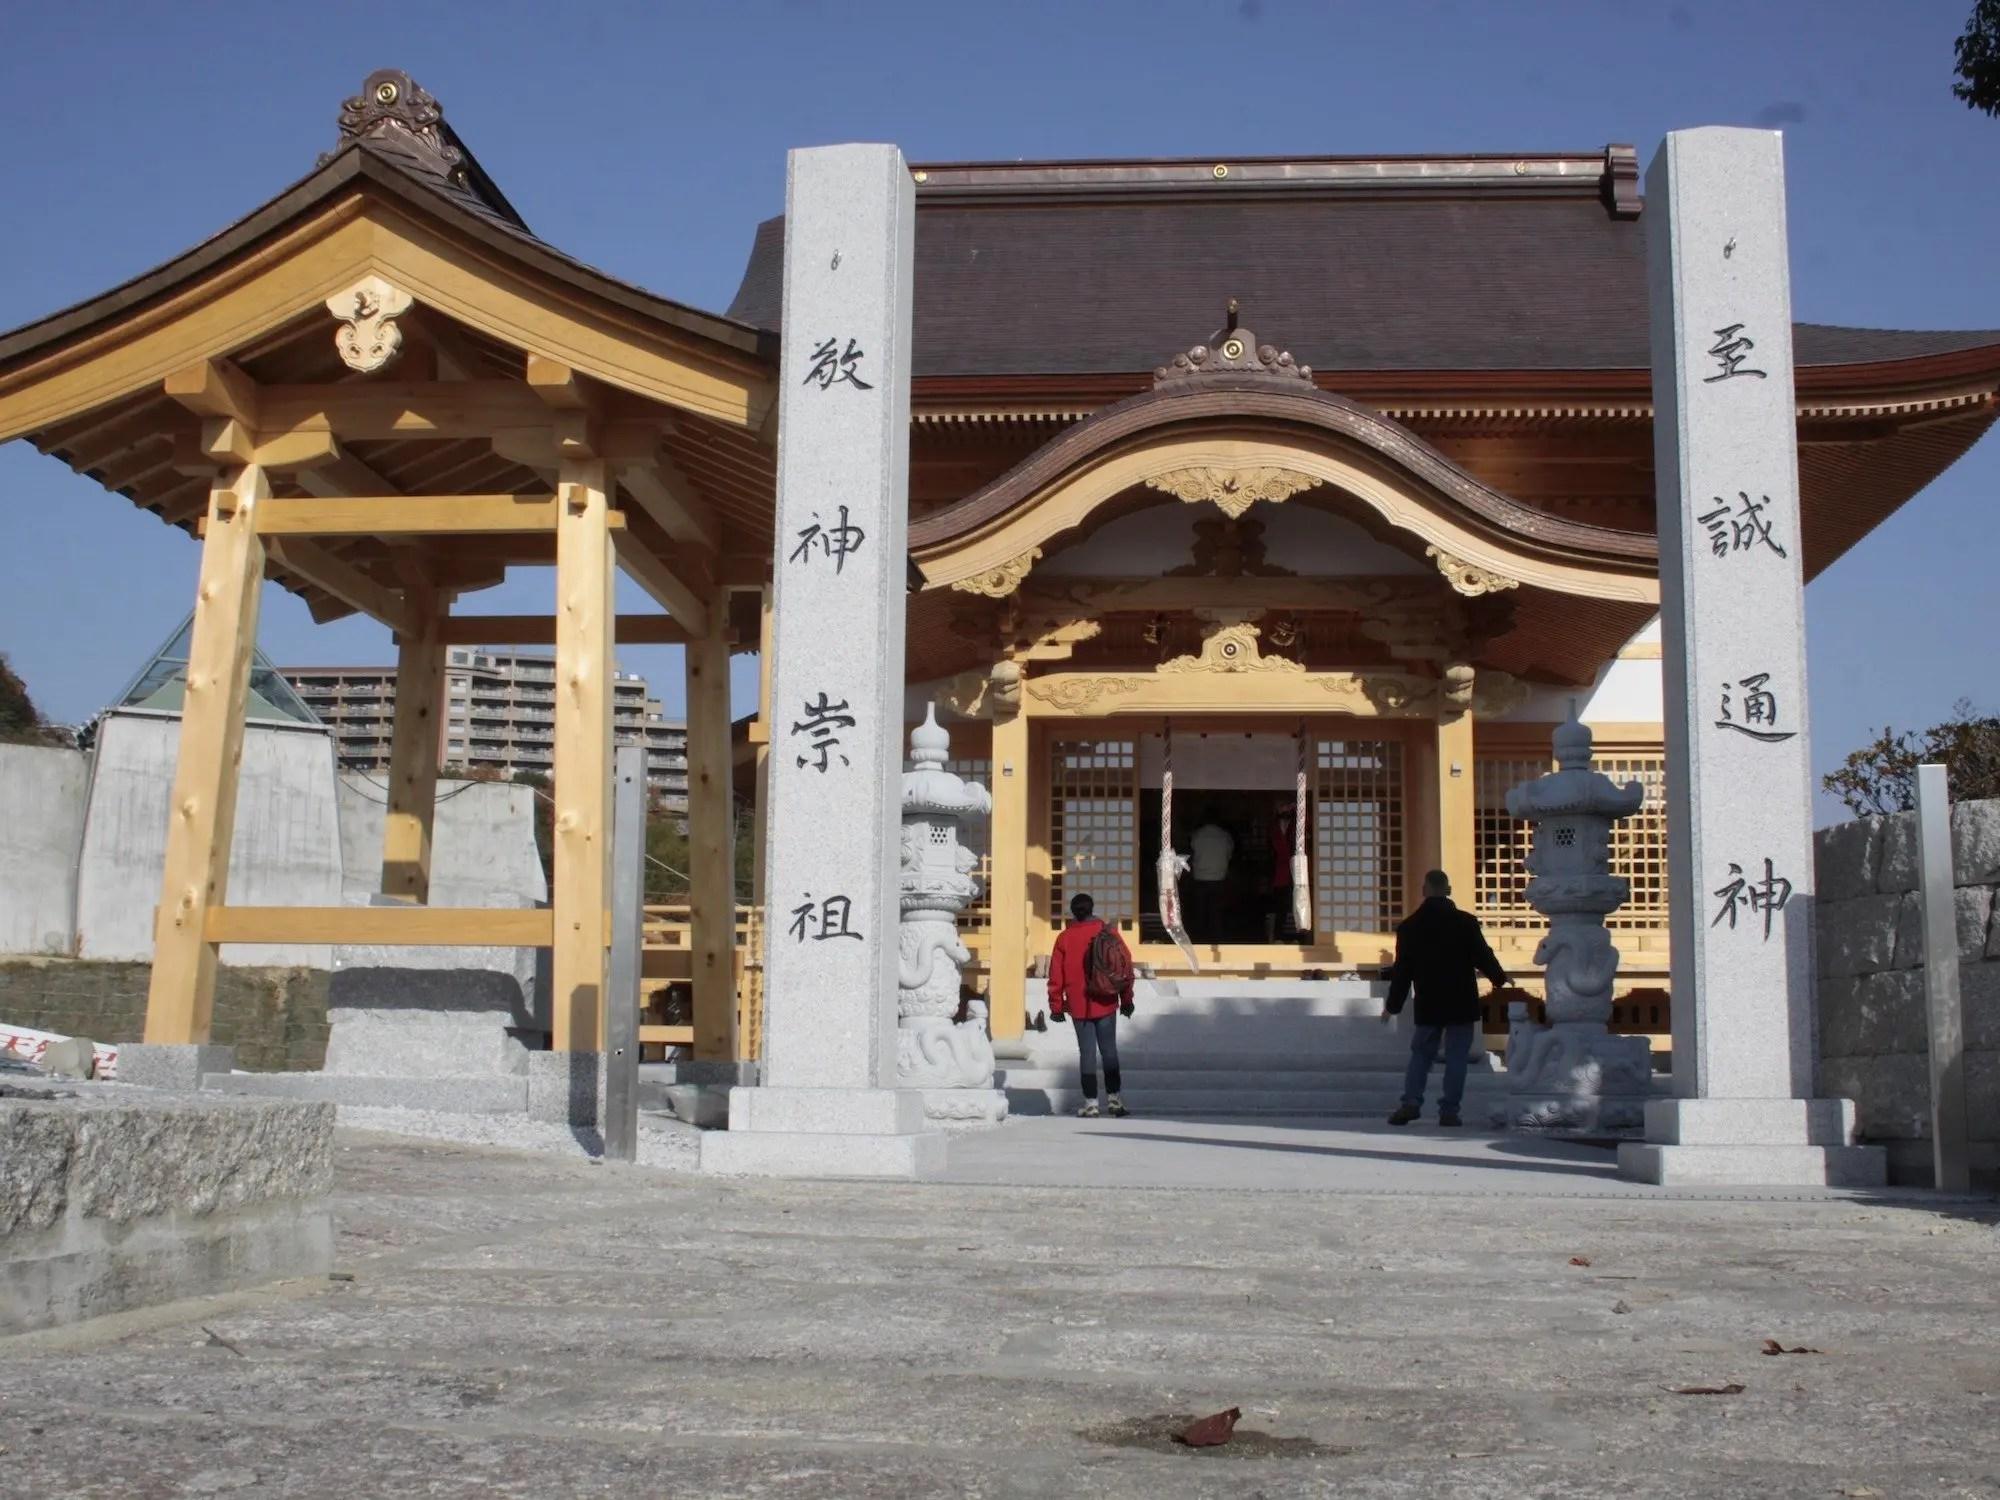 Shirohebi Jinja